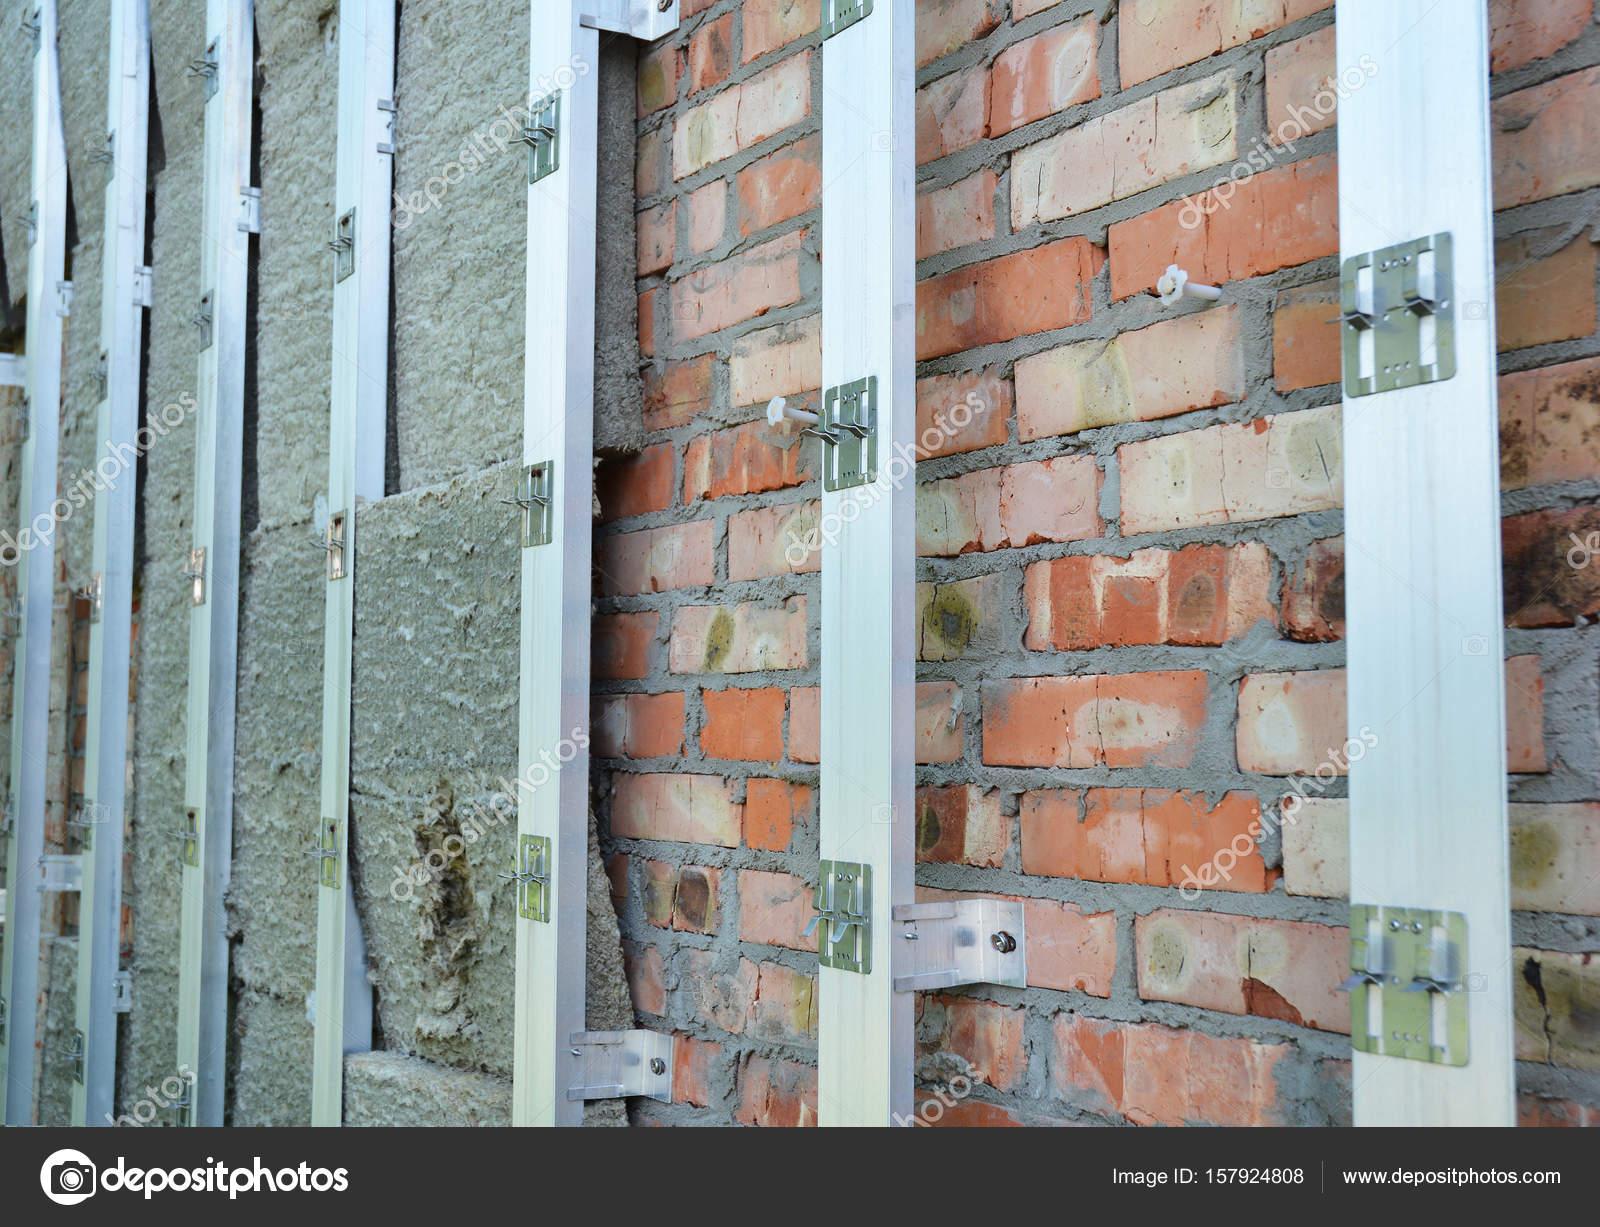 isolation maison brique